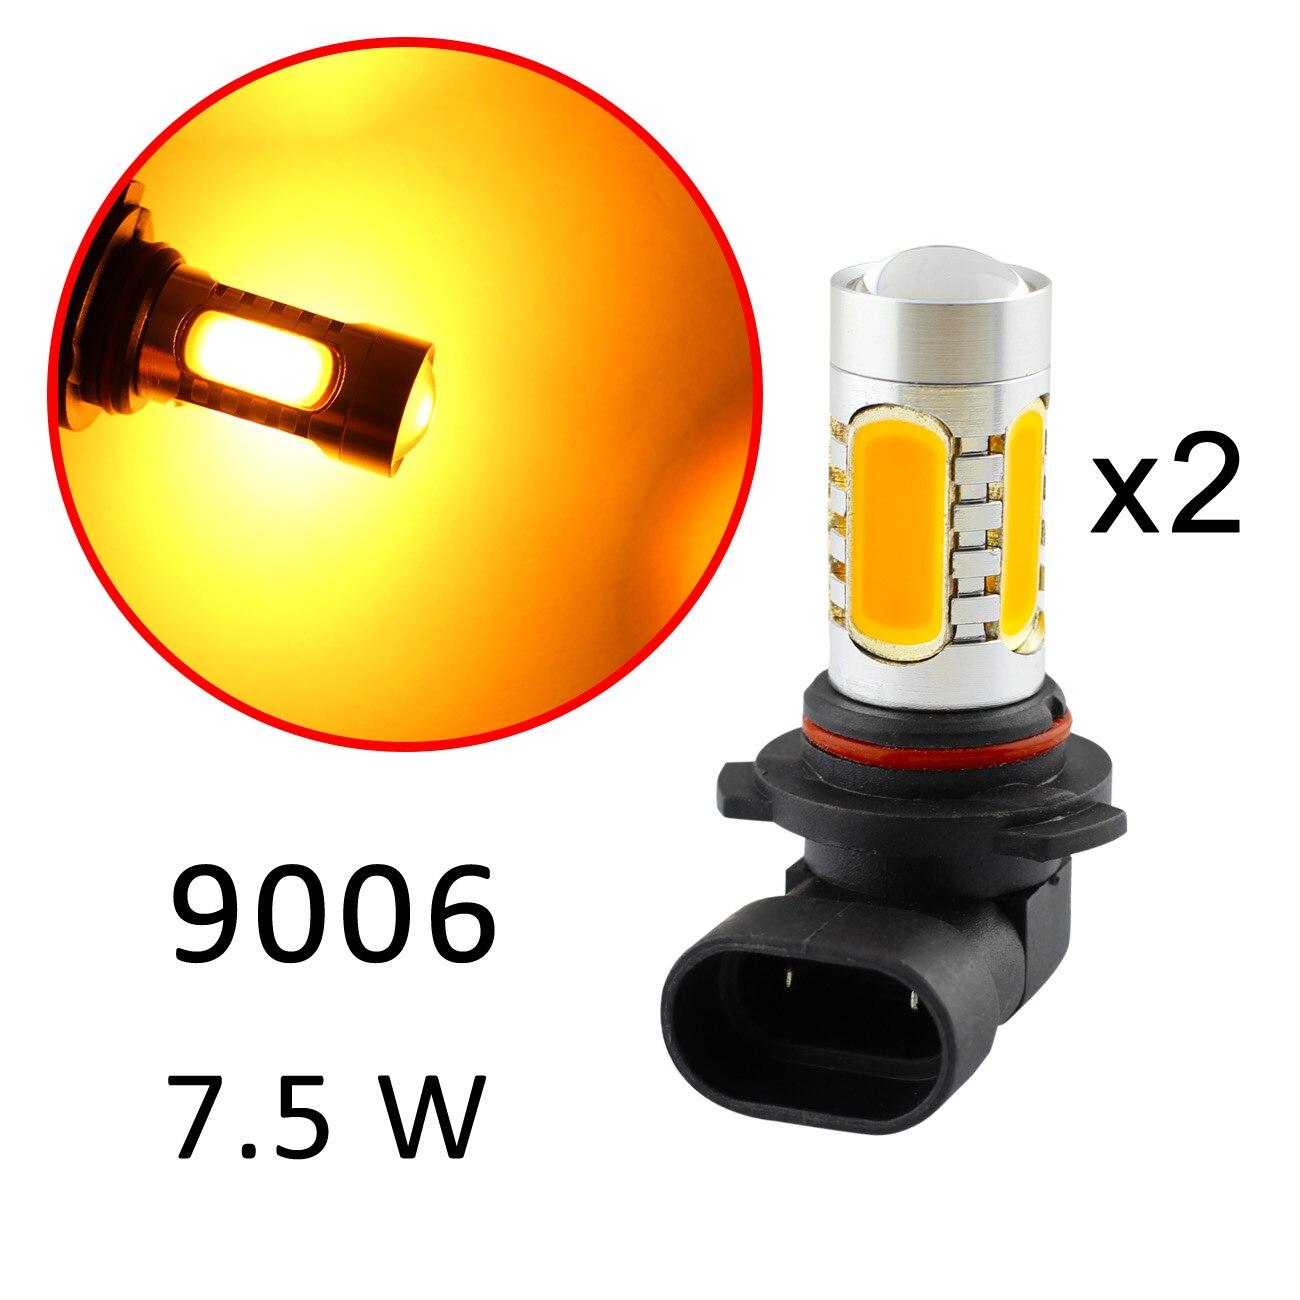 2X For Car Truck Fog Light Foglight Accessories LED HB4 9006 9012 9006HP 9006XS Driving LRD